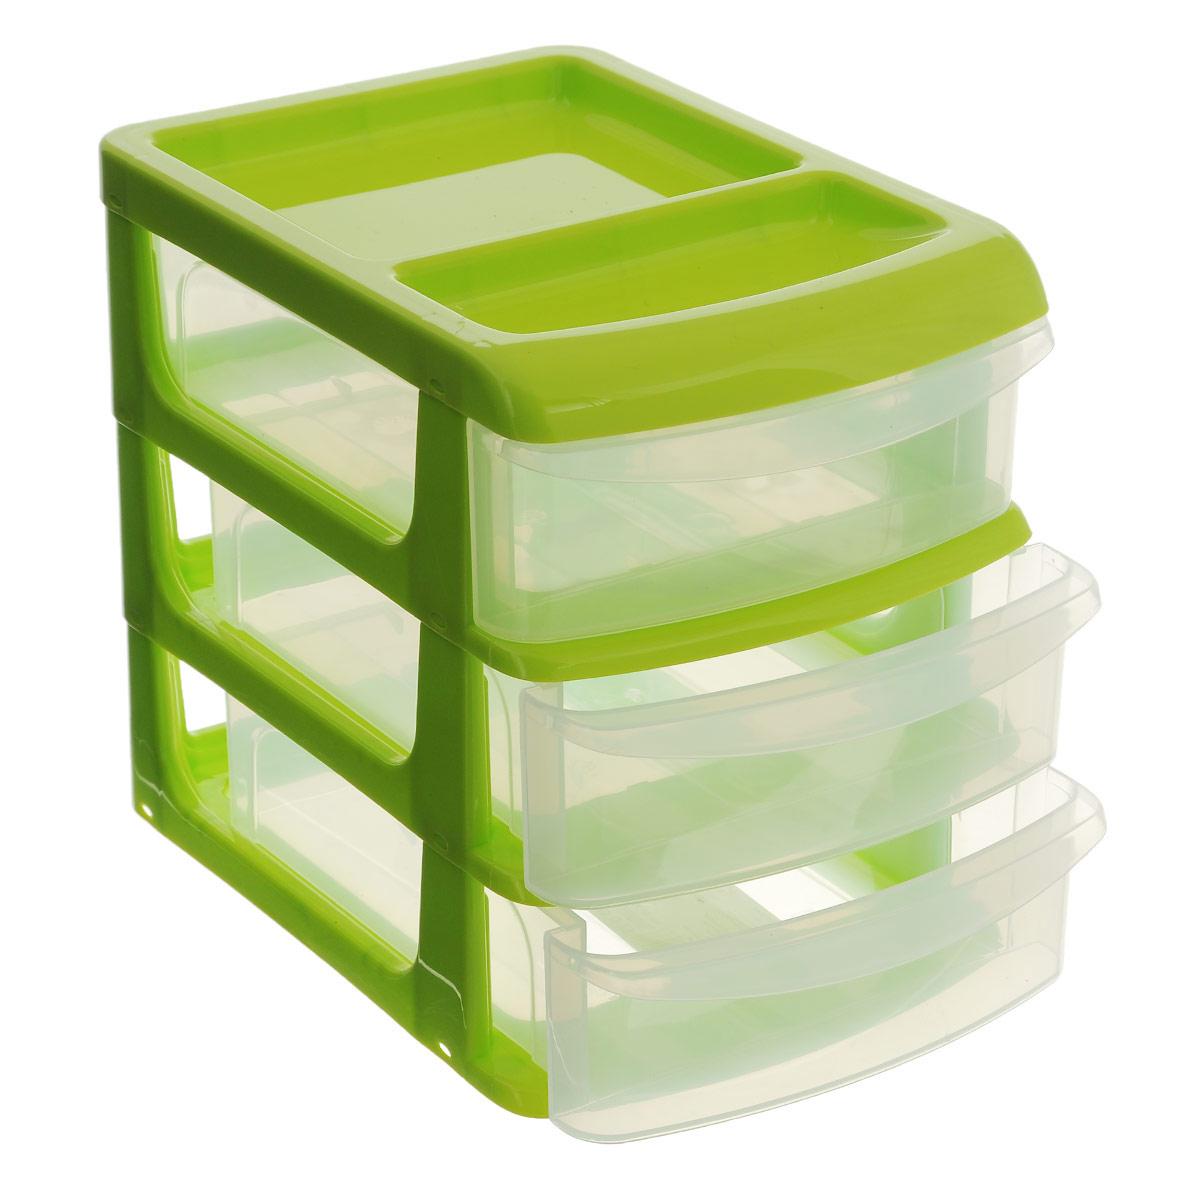 Бокс универсальный Idea, 3 секции, цвет салатовый, 20 см х 14,5 см х 18 см контейнер для мелочей econova multi box с ручкой 2 секции 24 5 см х 16 см х 10 5 см